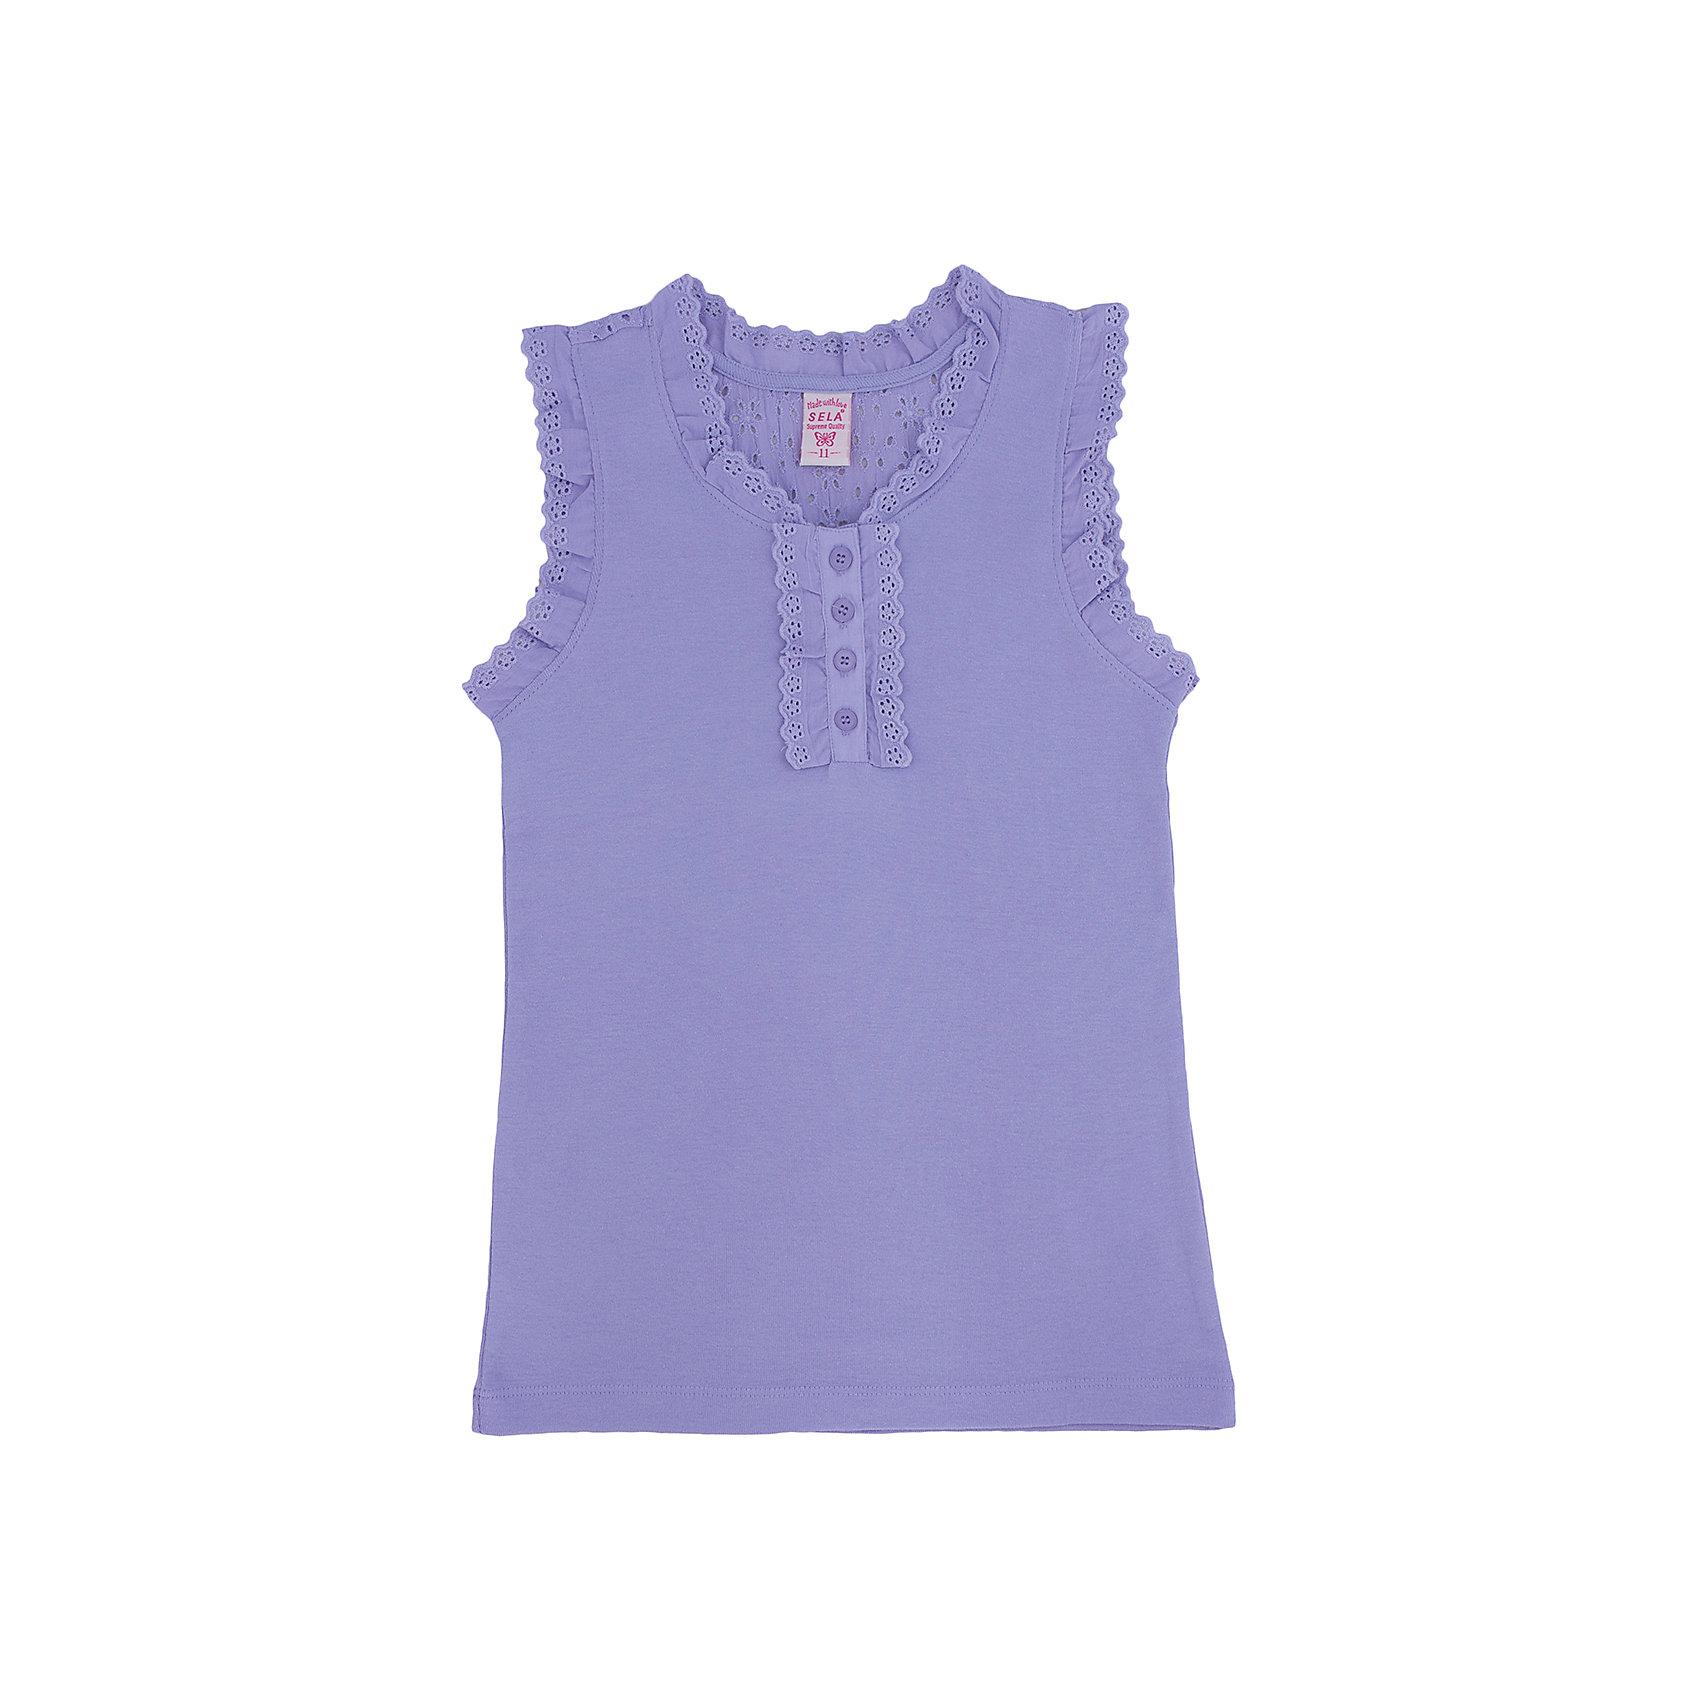 Майка для девочки SELAНежная и легкая майка для девочки от популярного бренда SELA. Изделие выполнено из натурального гипоаллергенного материала, тонкого, легкого, дышащего и приятного к телу, и обладает следующими особенностями:<br>- сиреневый цвет, привлекательный дизайн;<br>- воздушная отделка рюшами из шитья в тон;<br>- комфортный крой.<br>Прекрасный выбор для жарких дней!<br><br>Дополнительная информация:<br>- состав: 100% хлопок<br>- цвет: сиреневый<br><br>Майку для девочки SELA можно купить в нашем магазине<br><br>Ширина мм: 196<br>Глубина мм: 10<br>Высота мм: 154<br>Вес г: 152<br>Цвет: фиолетовый<br>Возраст от месяцев: 84<br>Возраст до месяцев: 96<br>Пол: Женский<br>Возраст: Детский<br>Размер: 128,152,116,122,134,140,146<br>SKU: 4741411